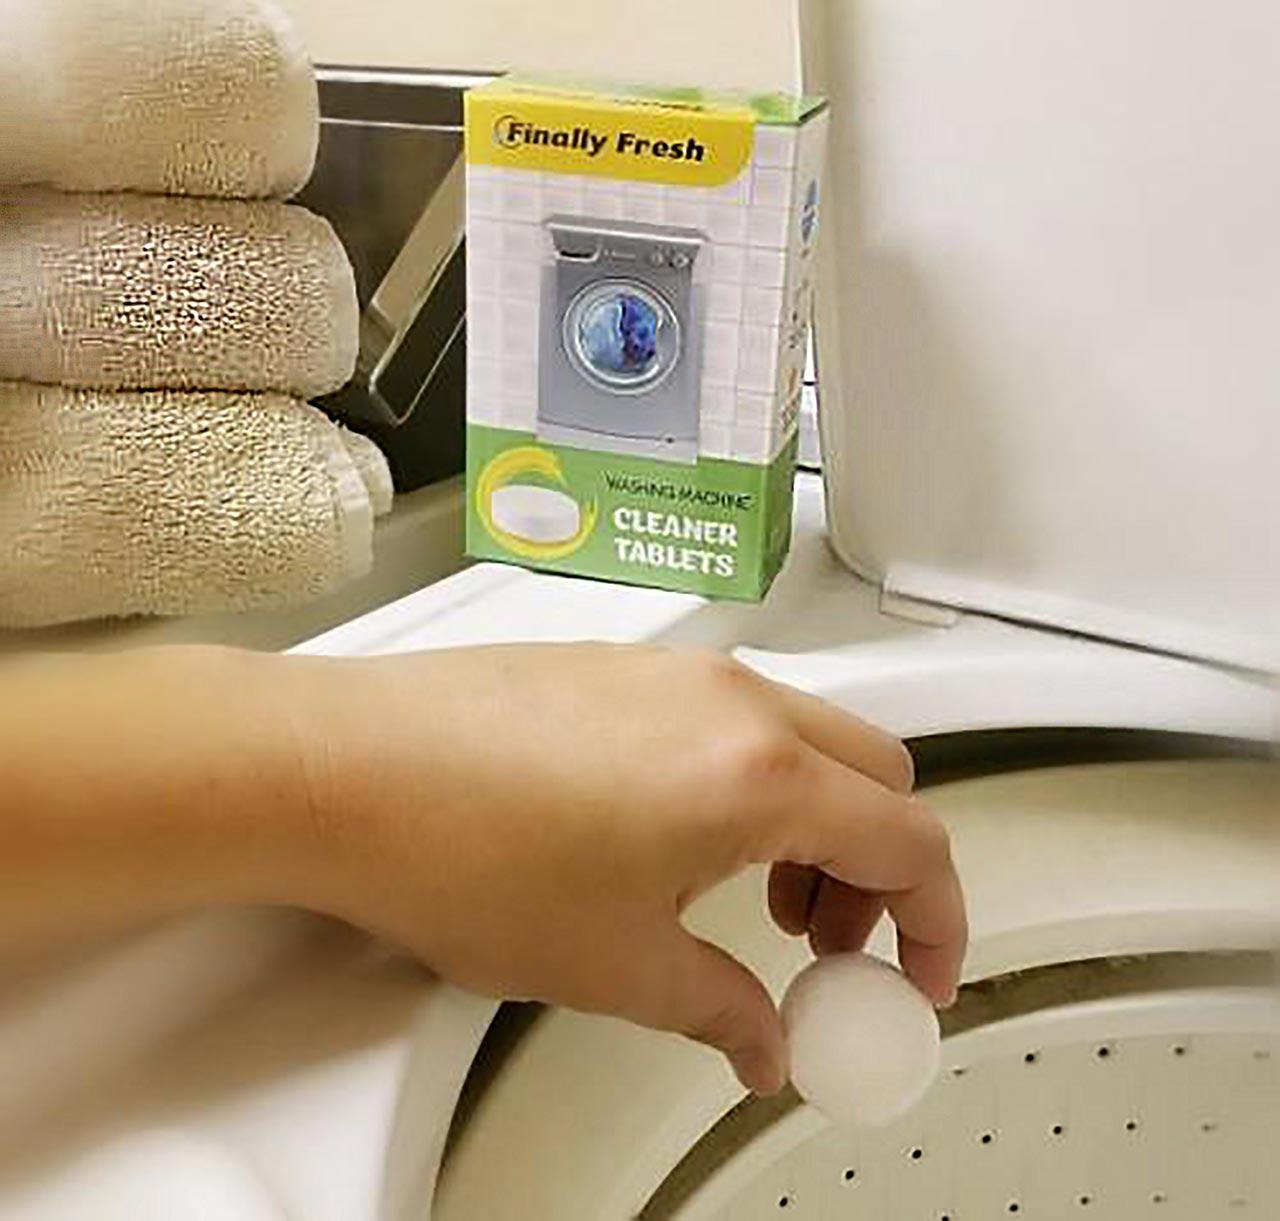 Finally Fresh washing machine cleaner